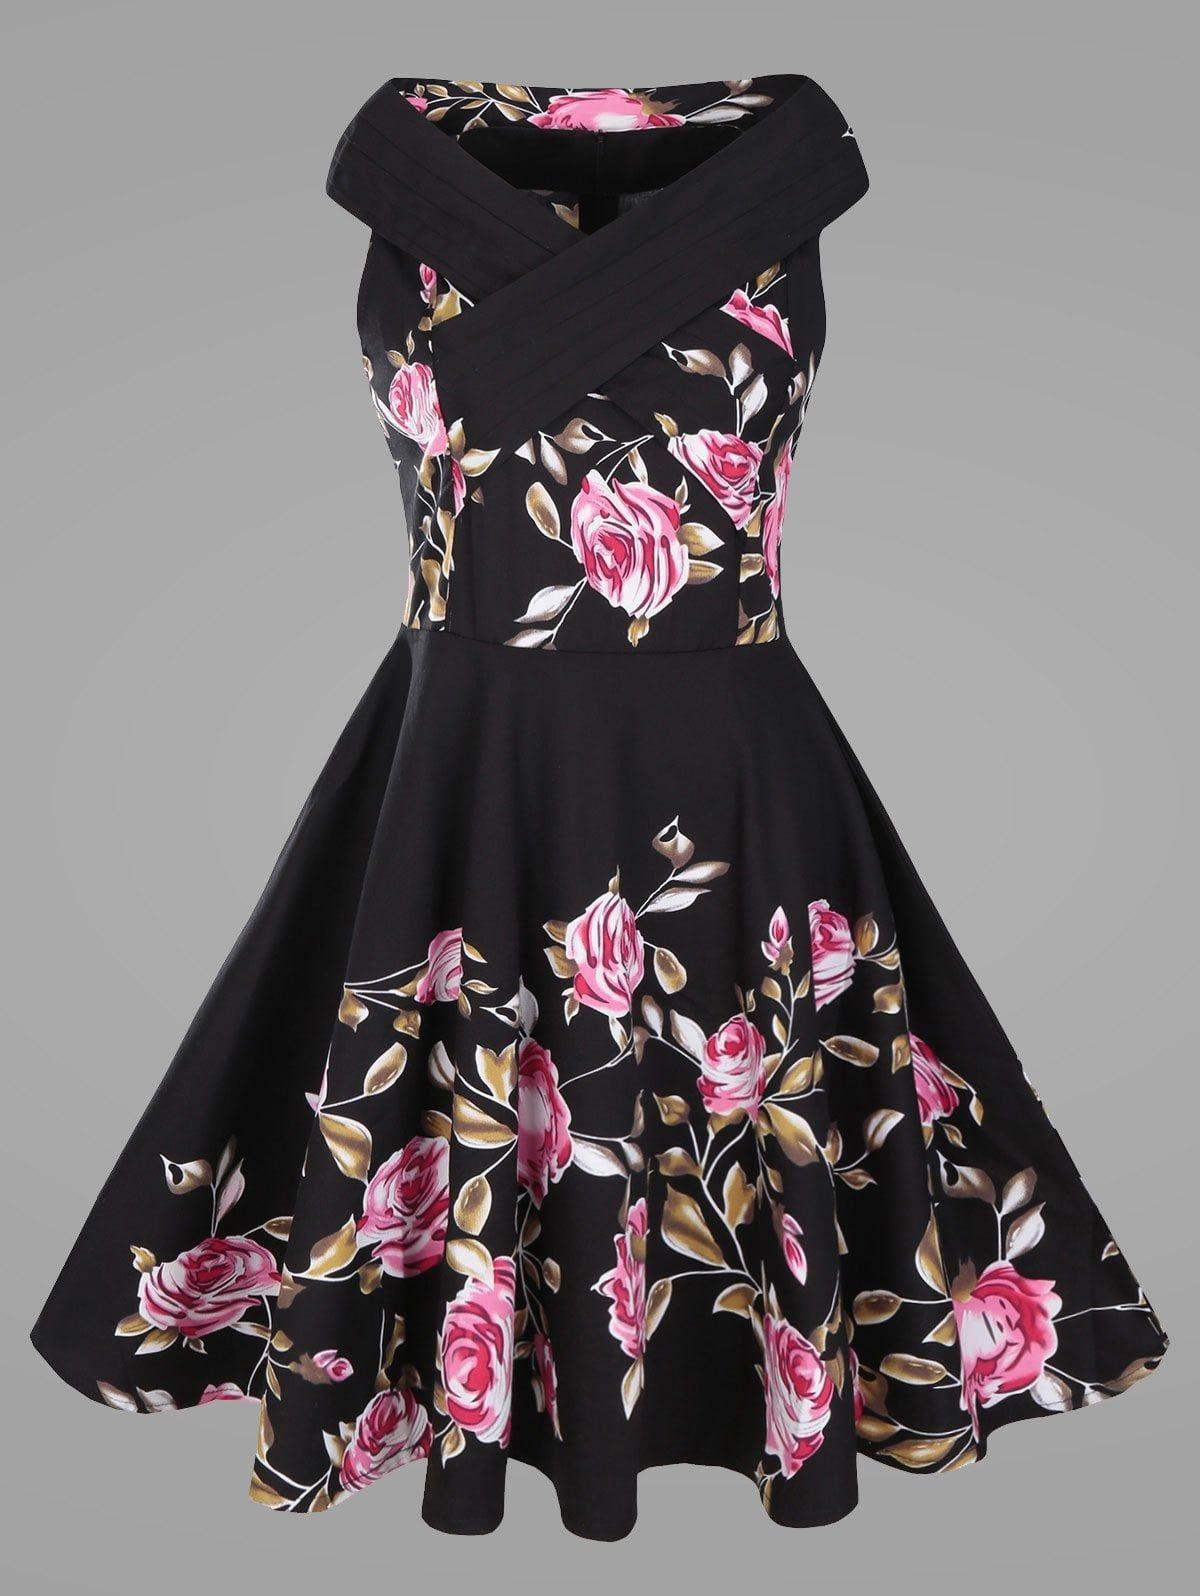 e3f6315bbfaf ... Black Formal Dresses Wholesale Online. rosegal